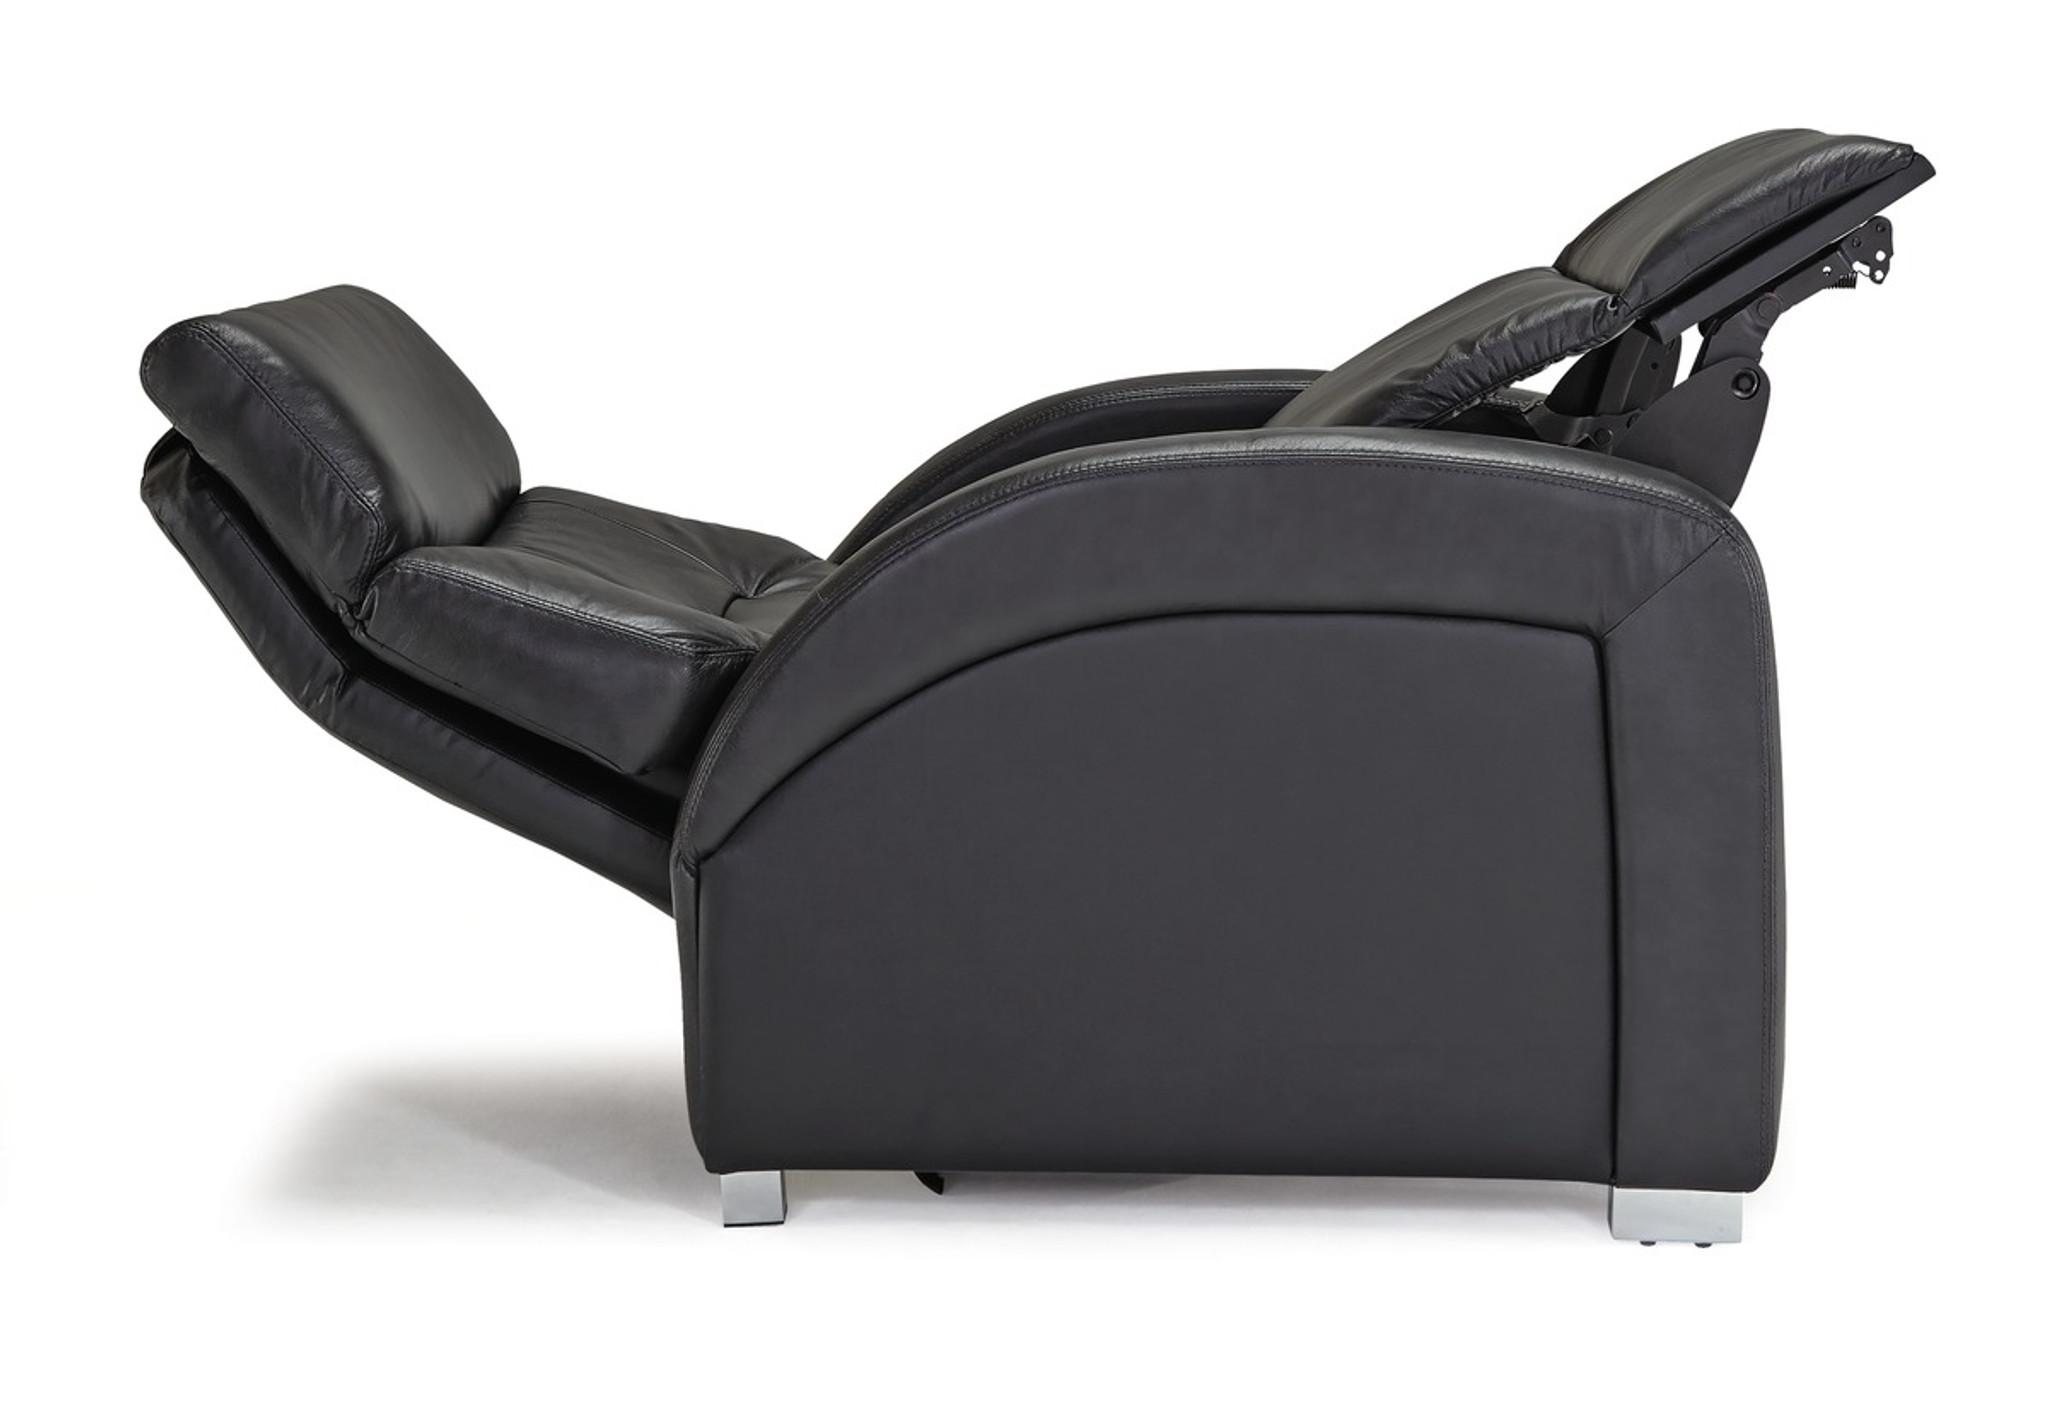 Palliser Leather Zero Gravity Recliner Model 41089 Zg5 Leather